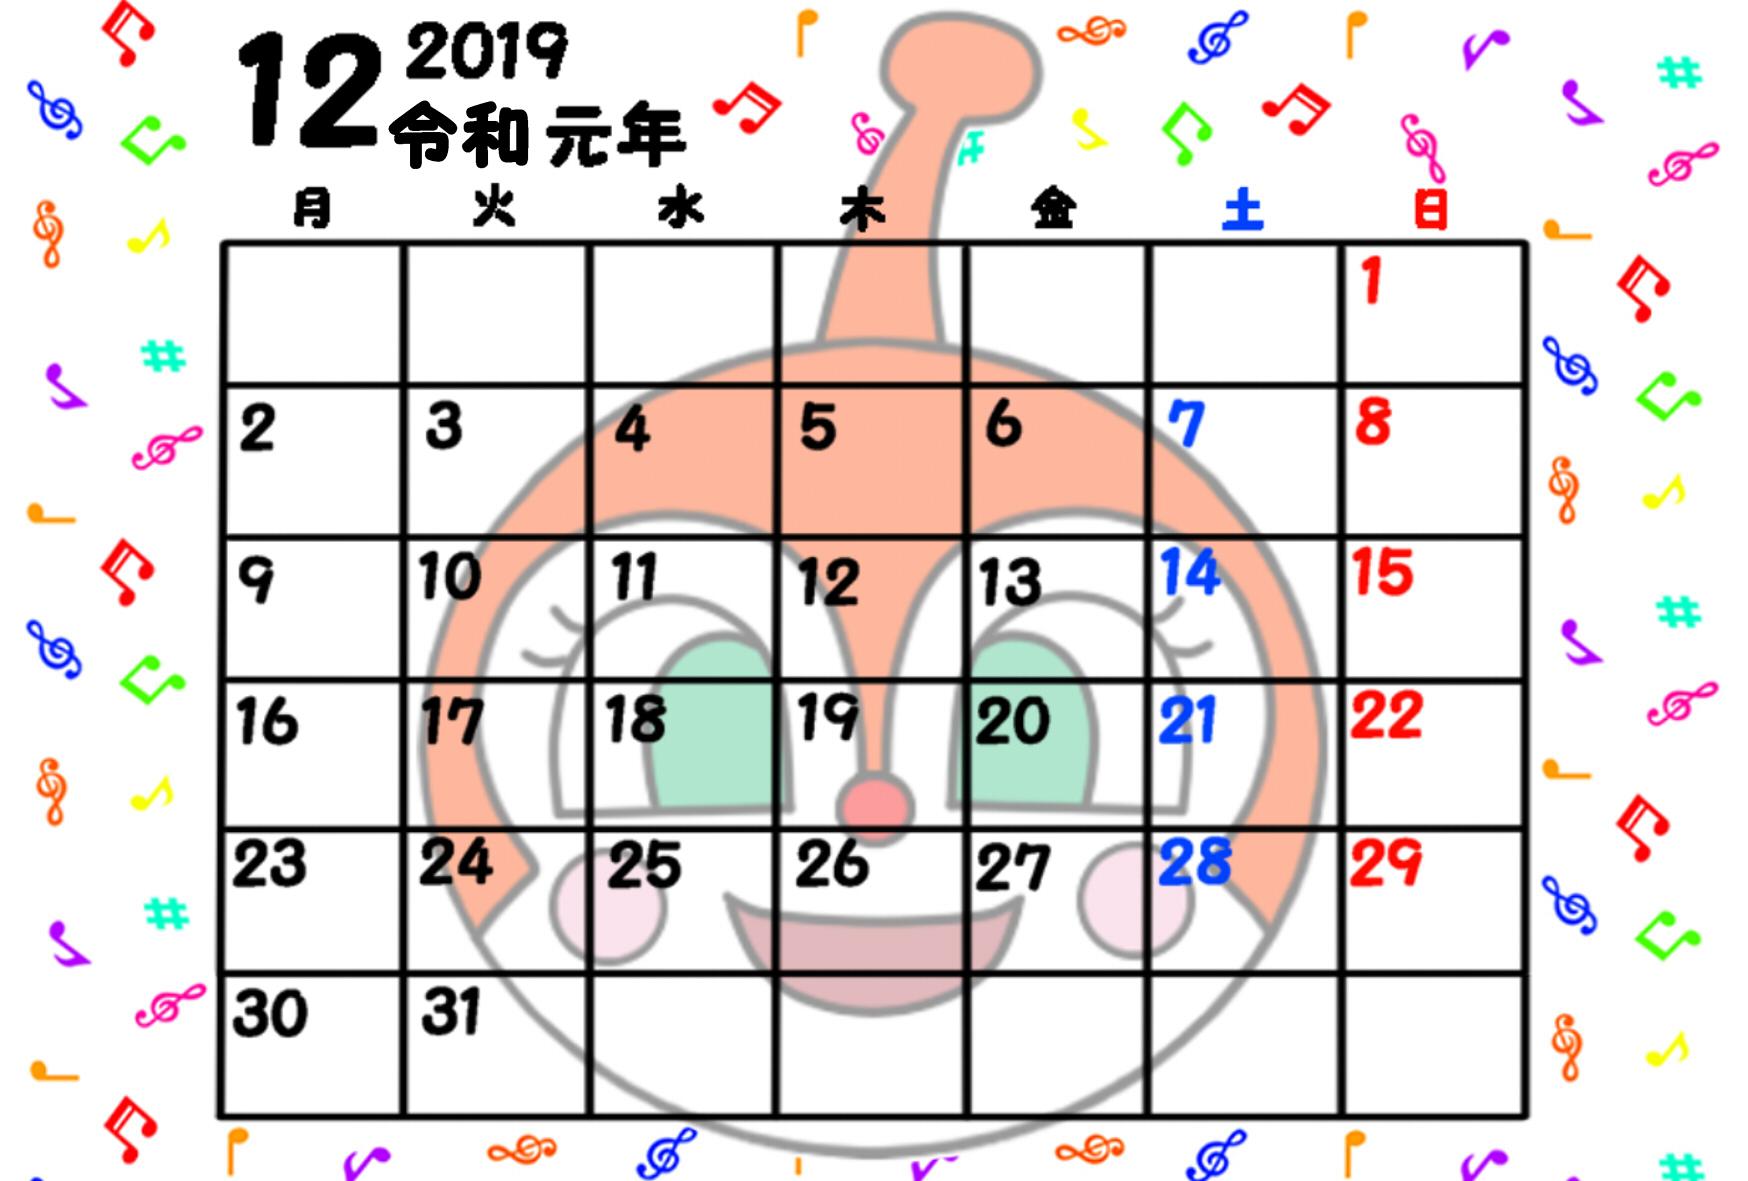 令和入り月間カレンダーアンパンマン風 2019年4月月曜始まり